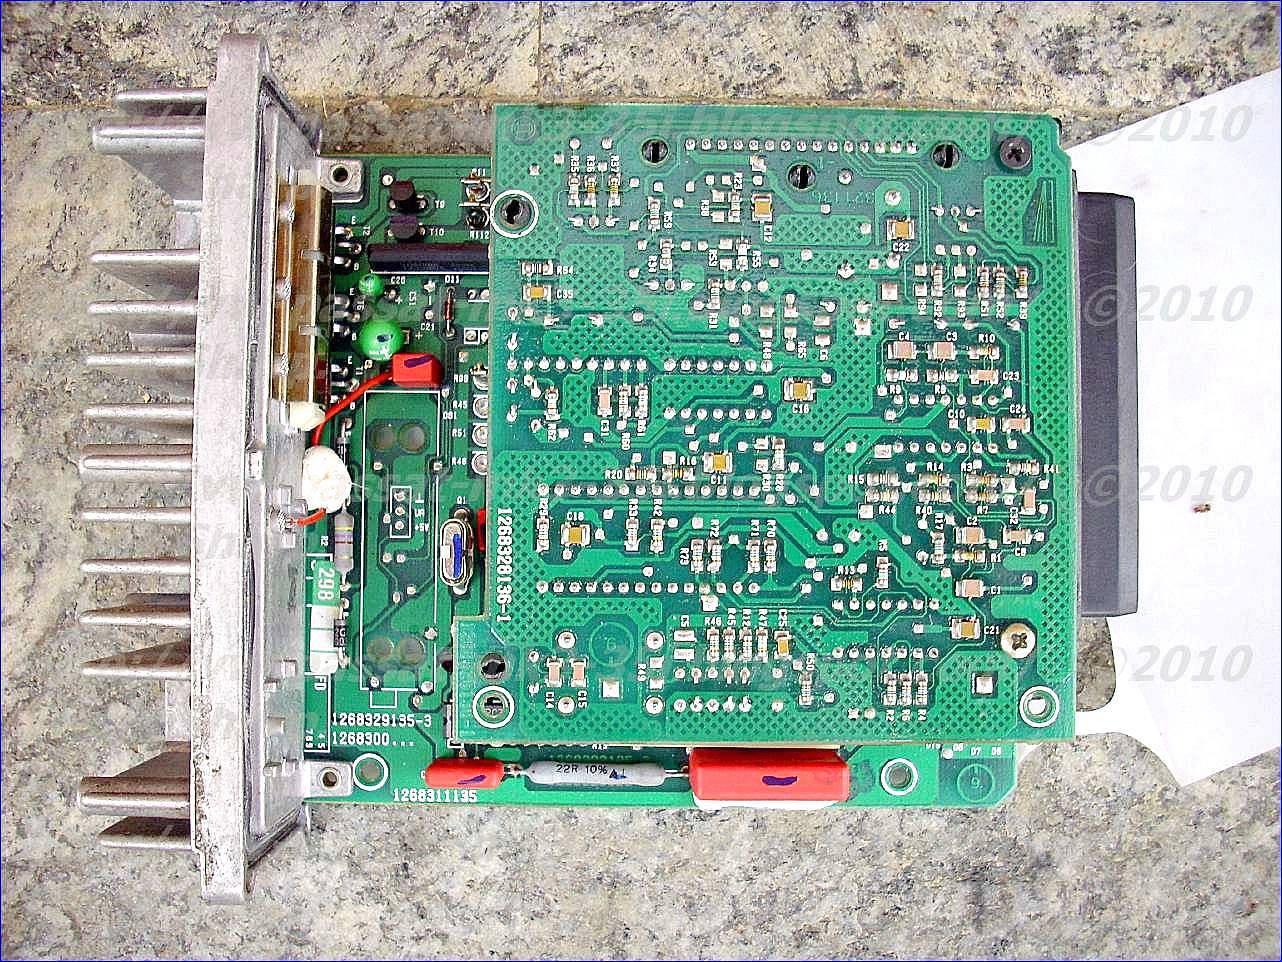 VOLKSWAGEN PASSAT: VOLKSWAGEN PASSAT ENGINE CONTROL MANAGEMENT ...